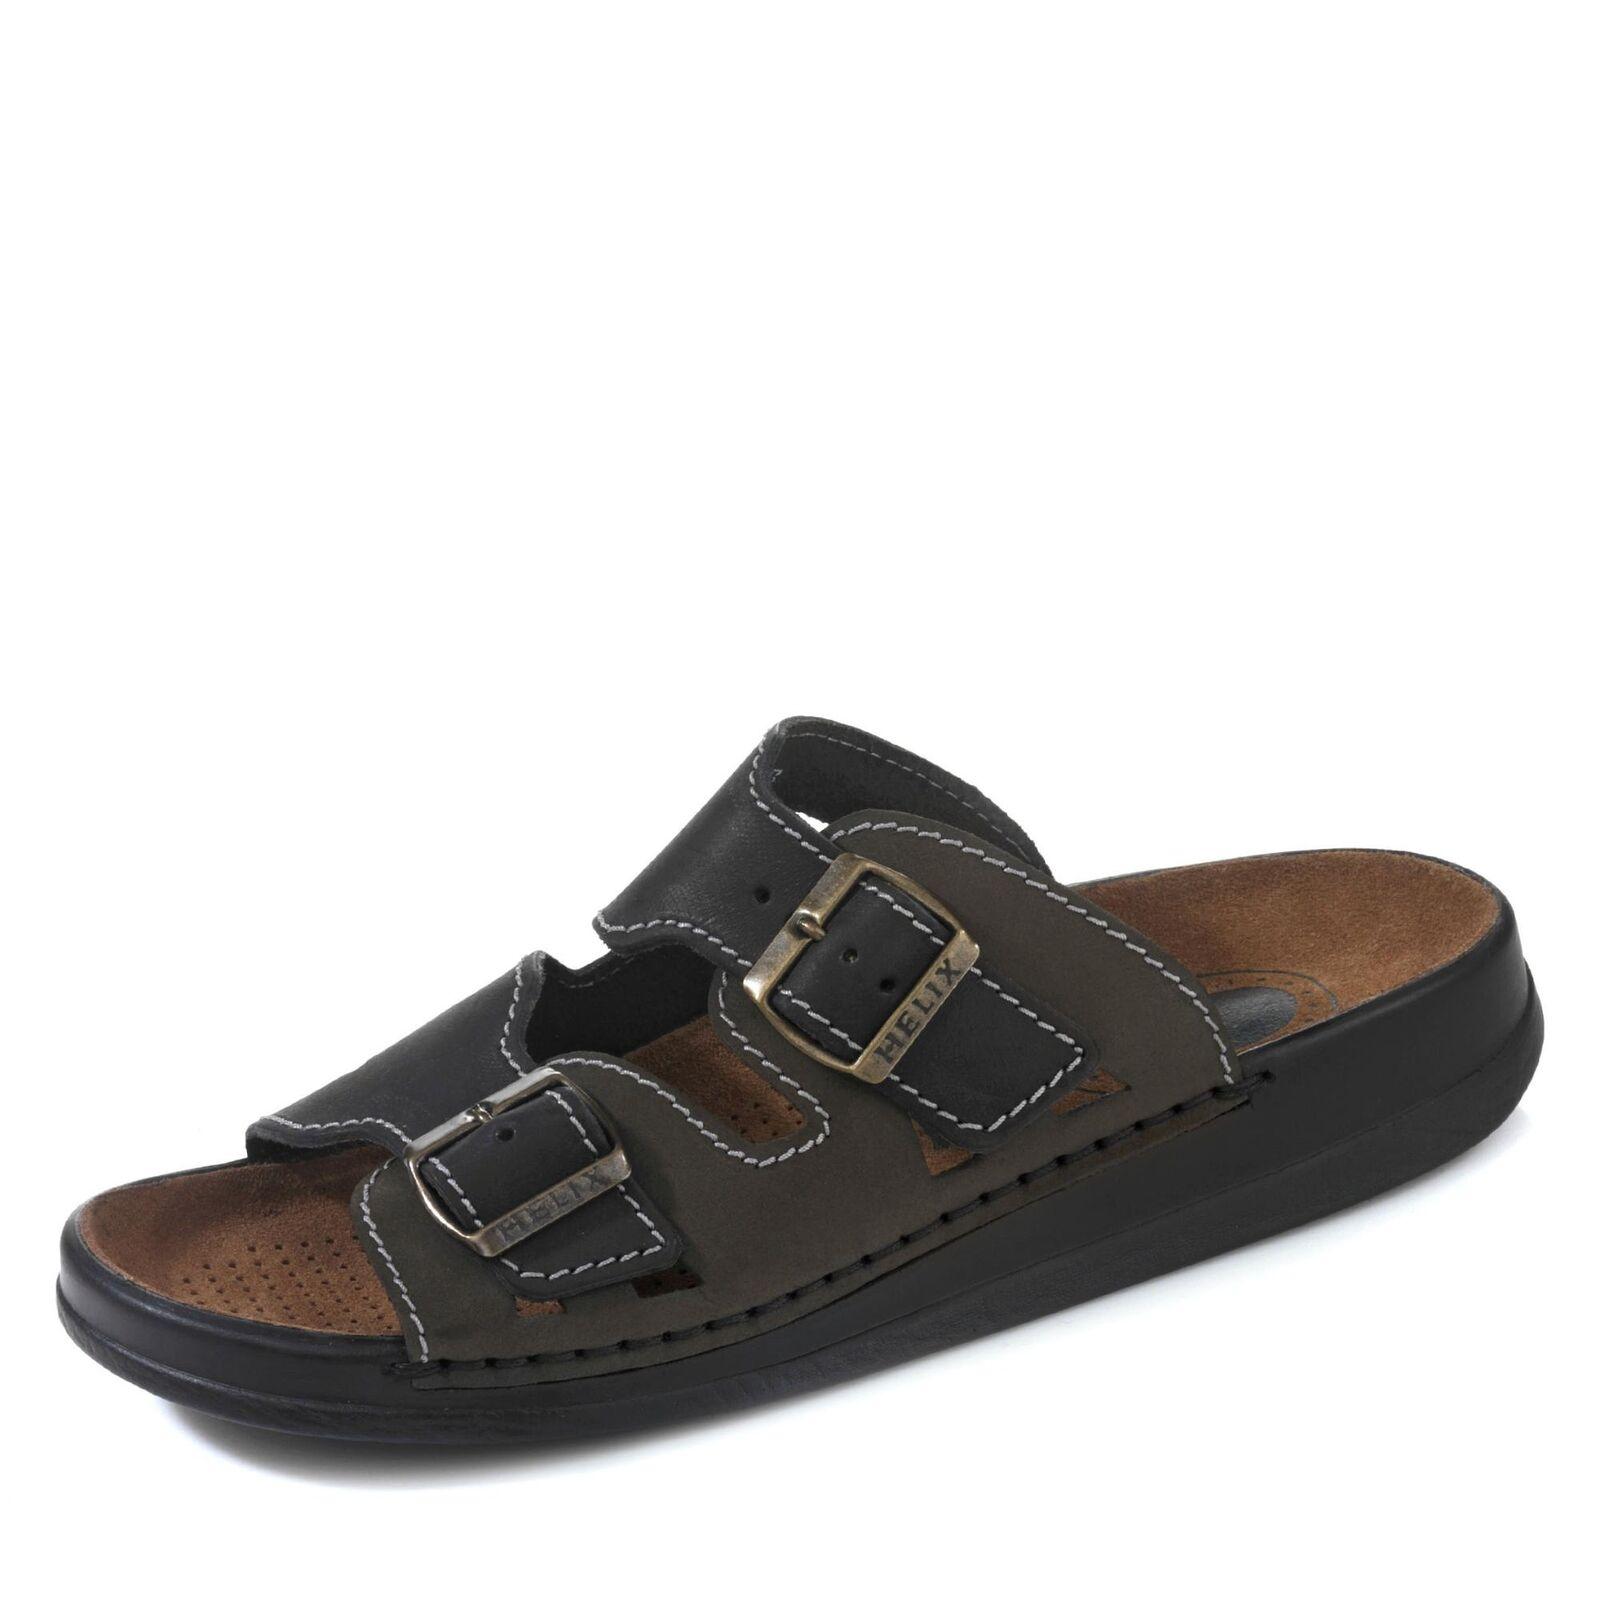 Helix Herren Pantolette Schlupfschuhe Freizeitschuhe Schuhe Nubukleder schwarz